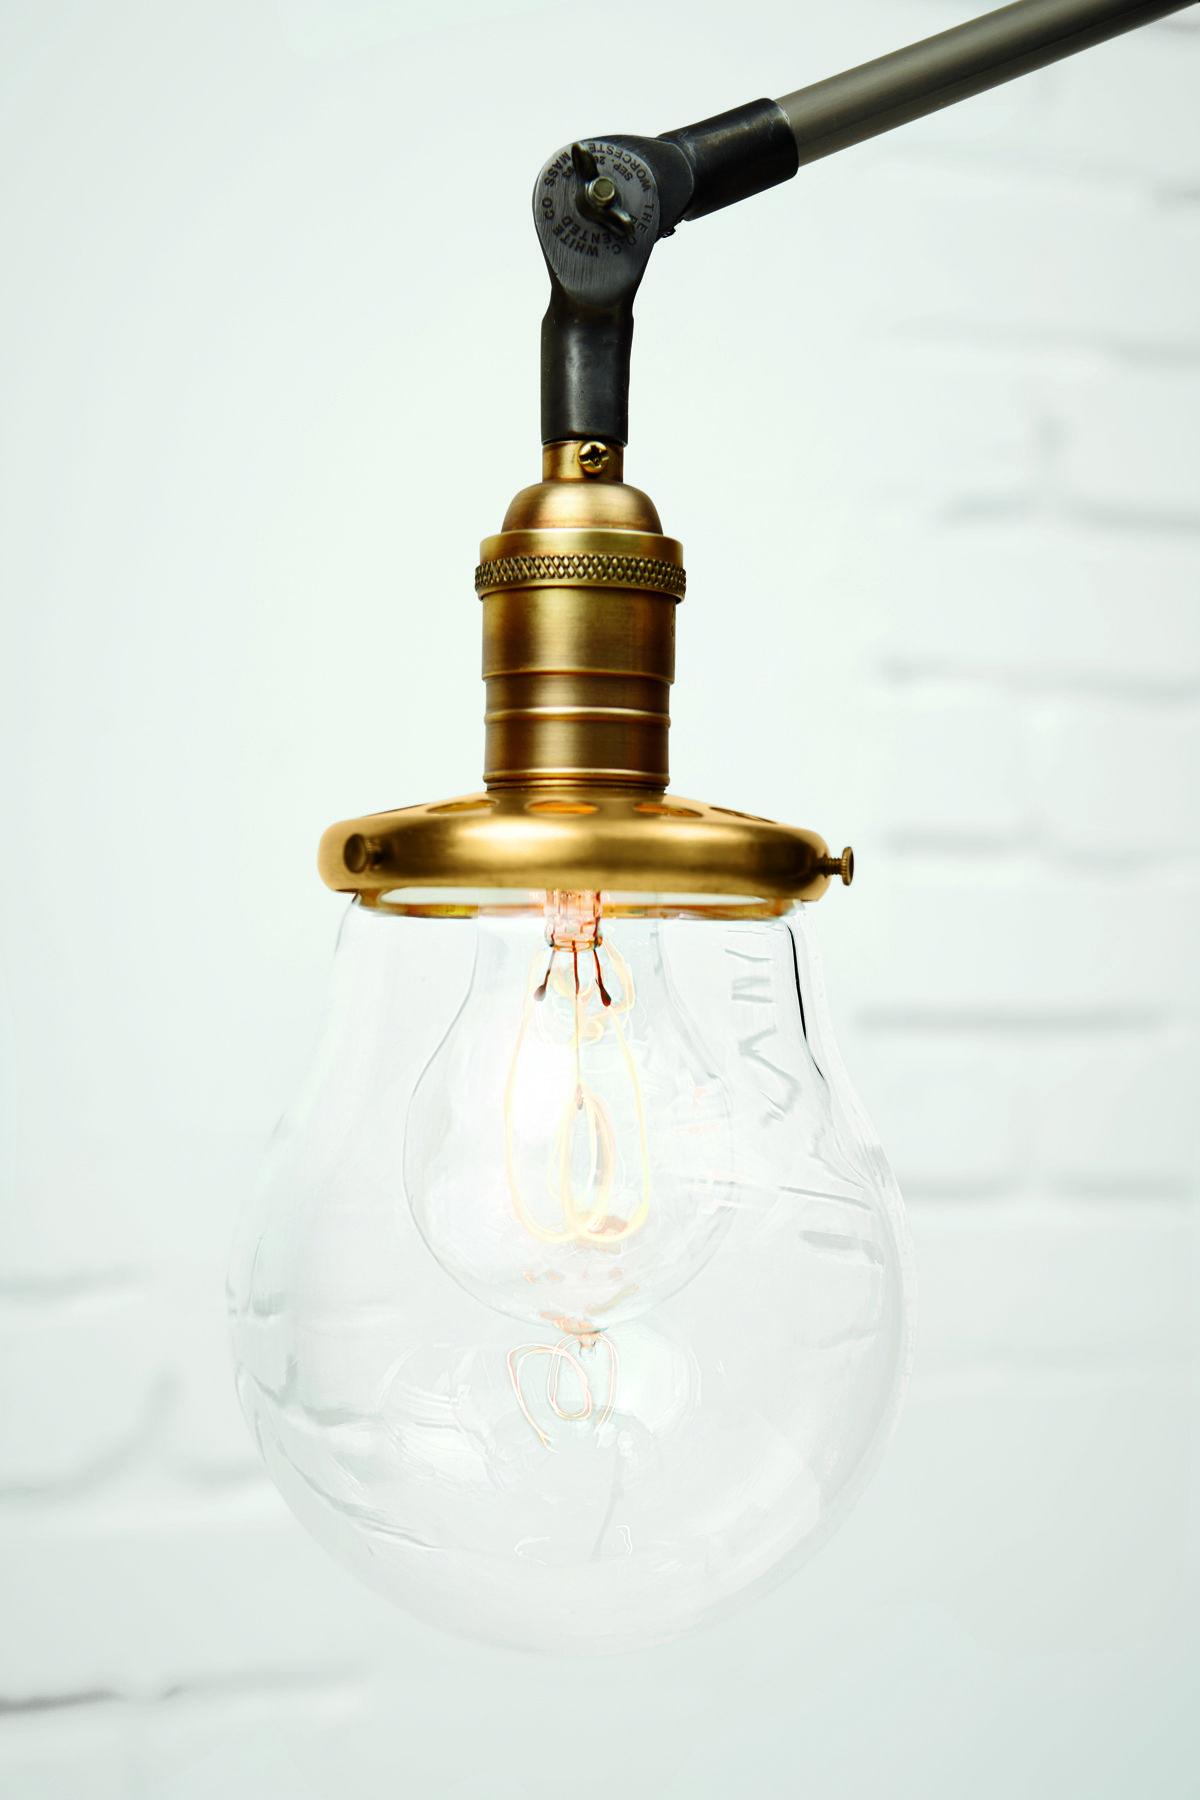 Industrial inspired lighting Residential Rejuvenation Oc White Lamp lighting Pinterest Rejuvenation Oc White Lamp lighting Industrial Inspired